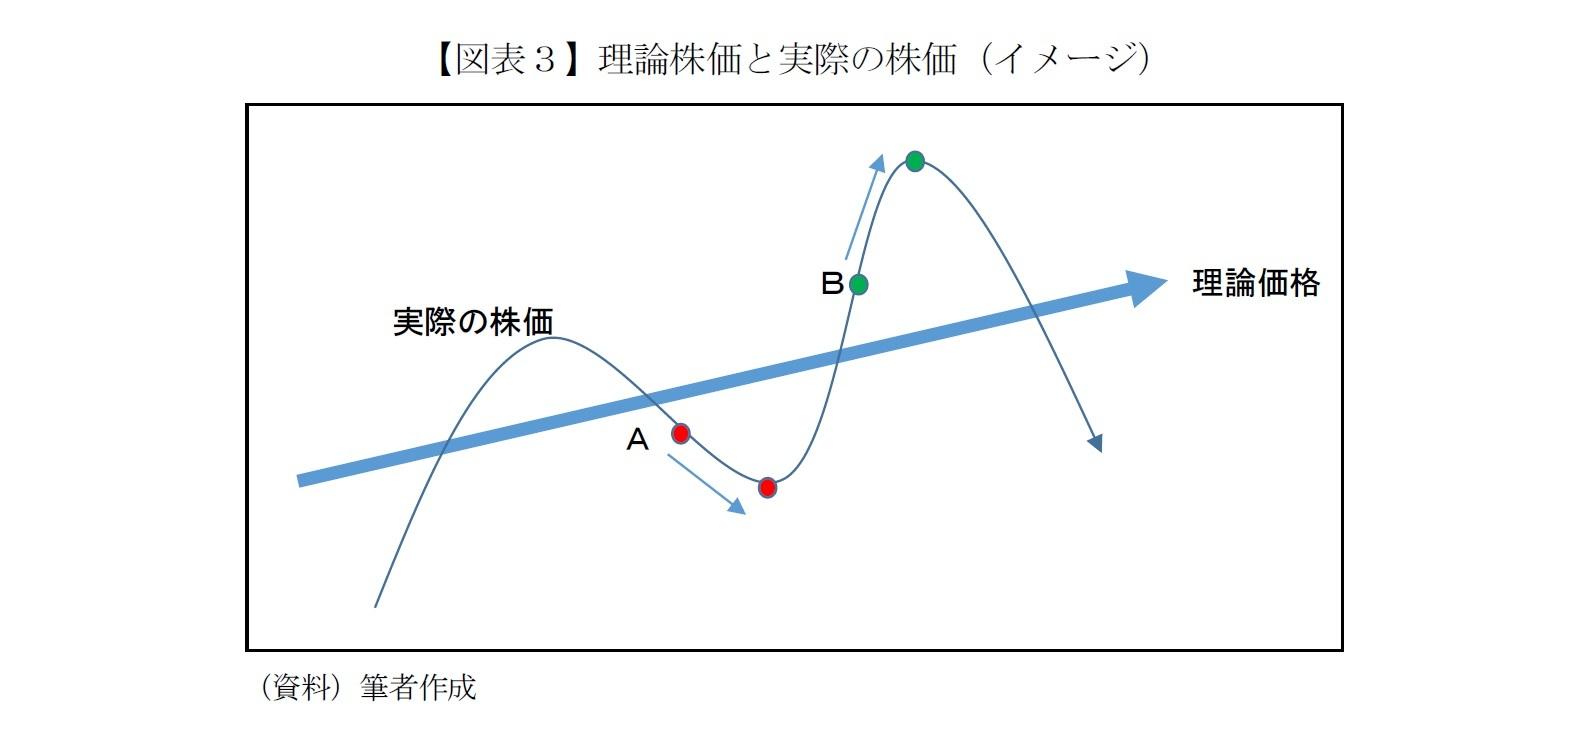 【図表3】理論株価と実際の株価(イメージ)